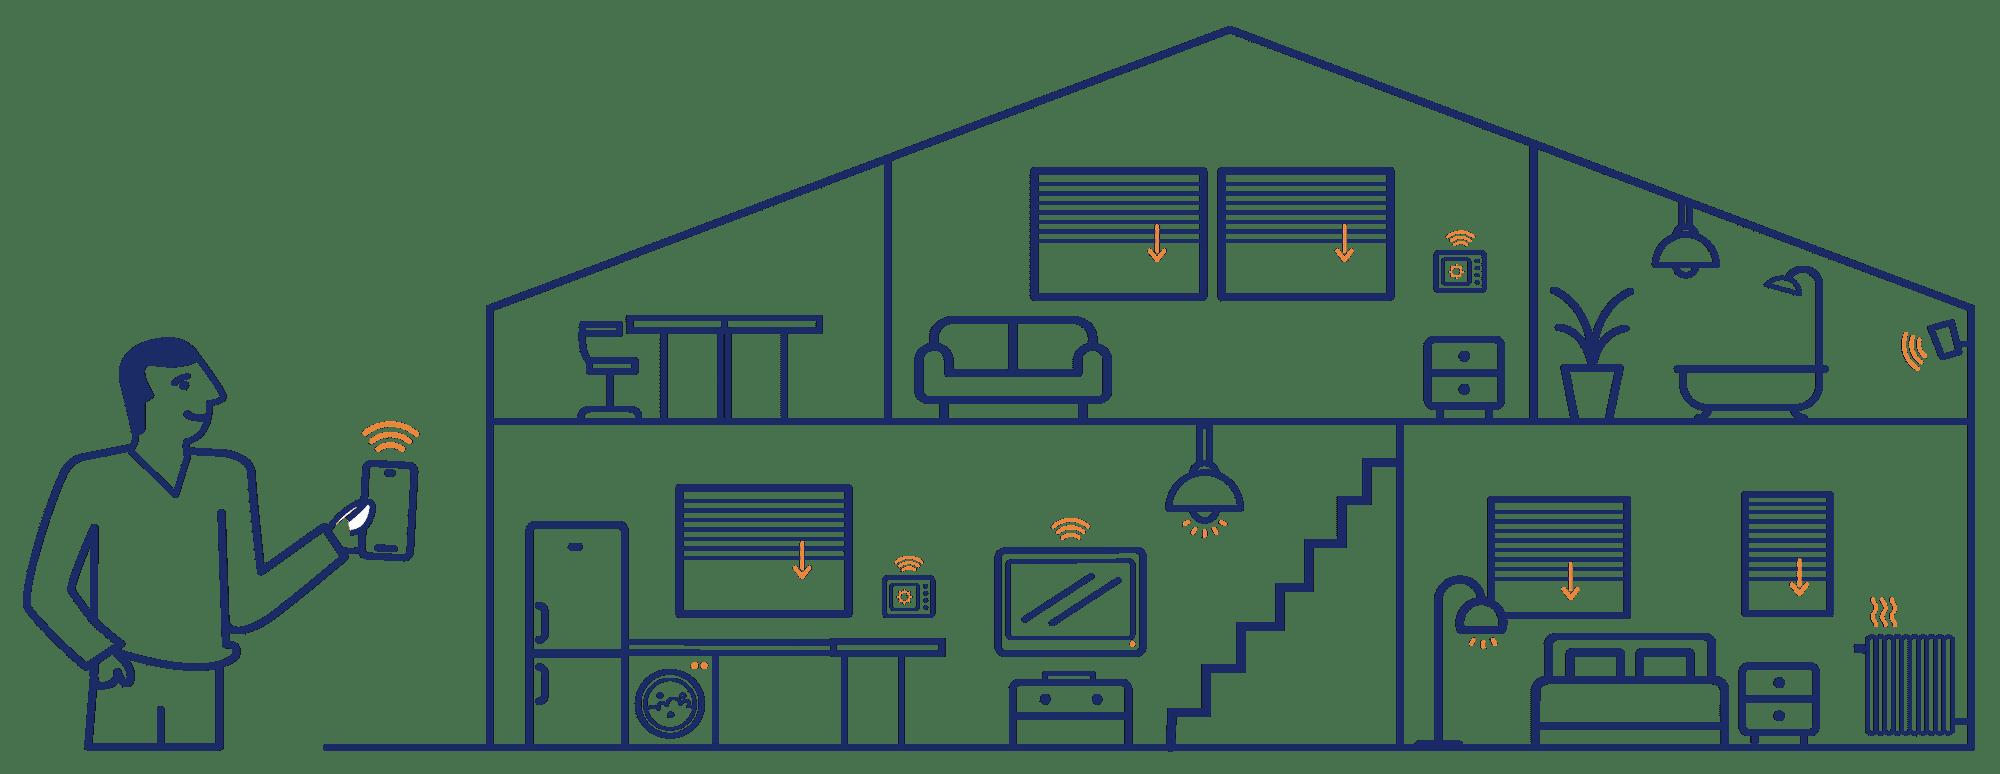 dessin d'une maison domotique pour la société d'installation électrique Hagenum, par le studio de design graphique Ich&Kar